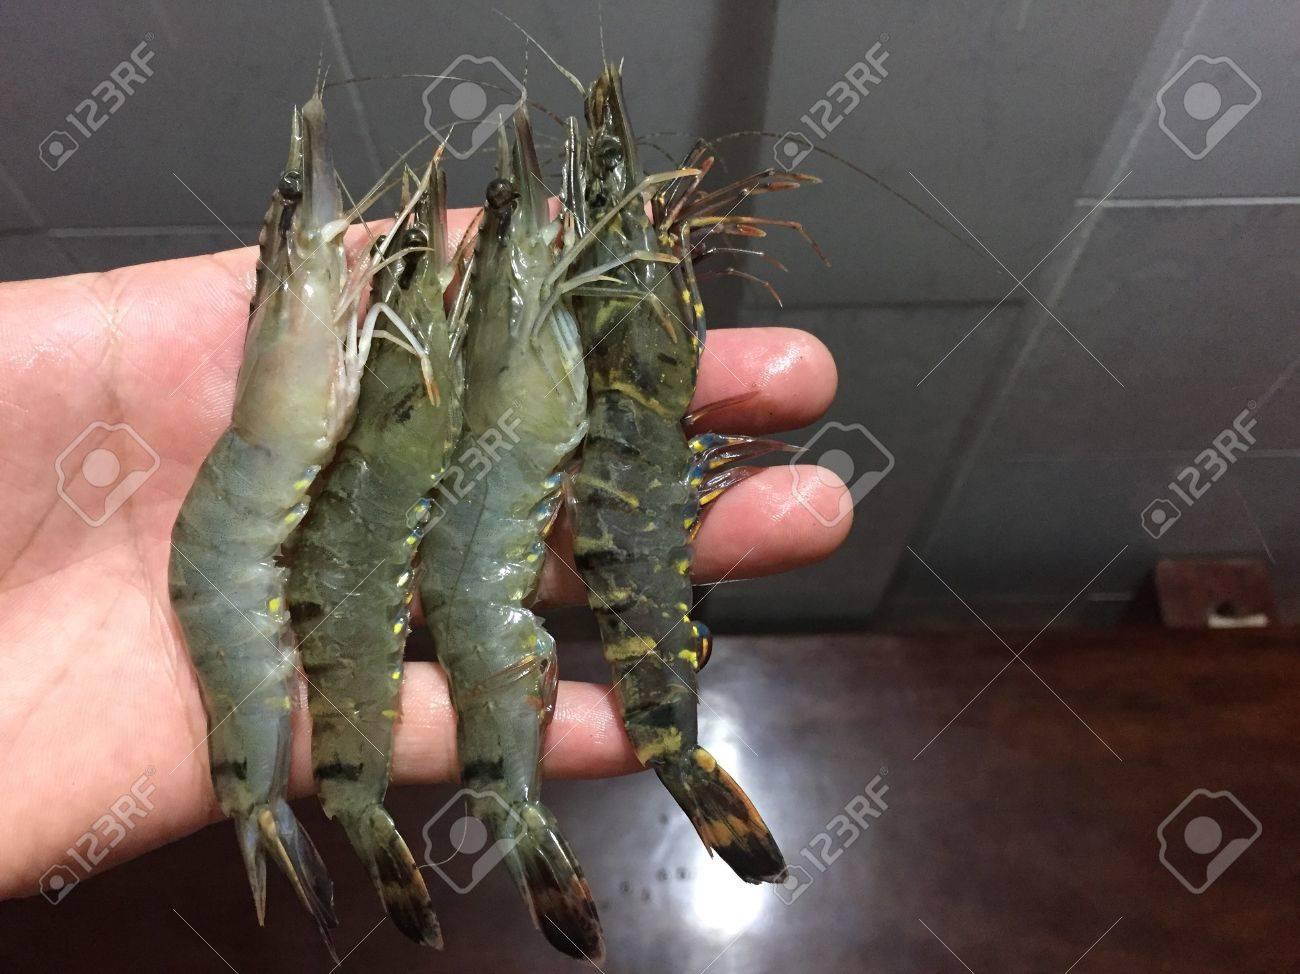 ベトナム黒海老・ ウシエビ の写真素材・画像素材 Image 71920027.